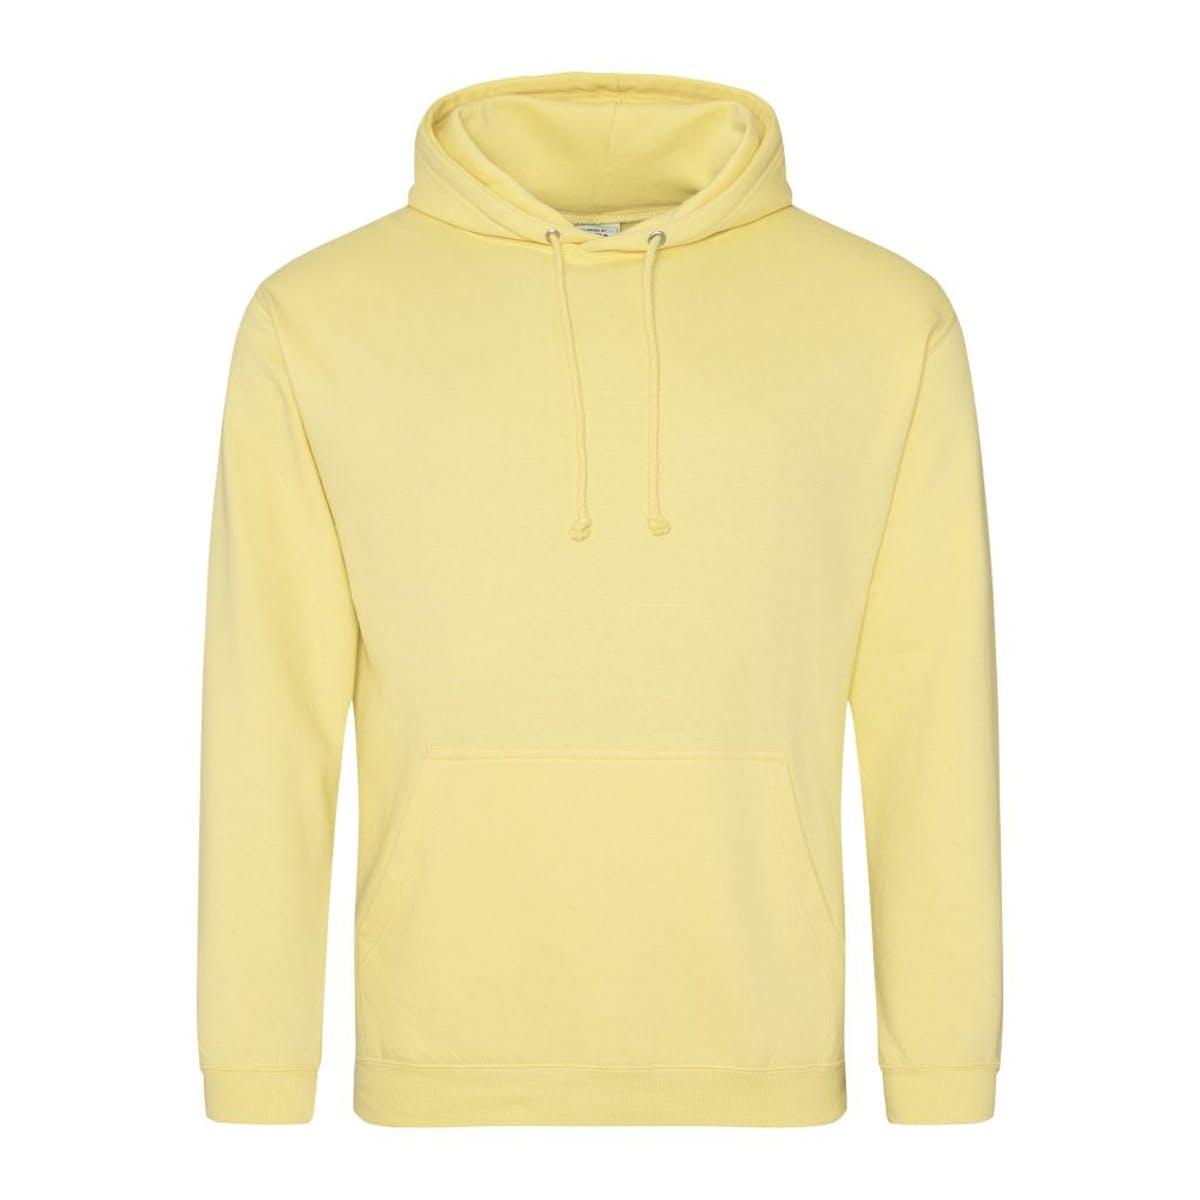 sherbet lemon college hoodies